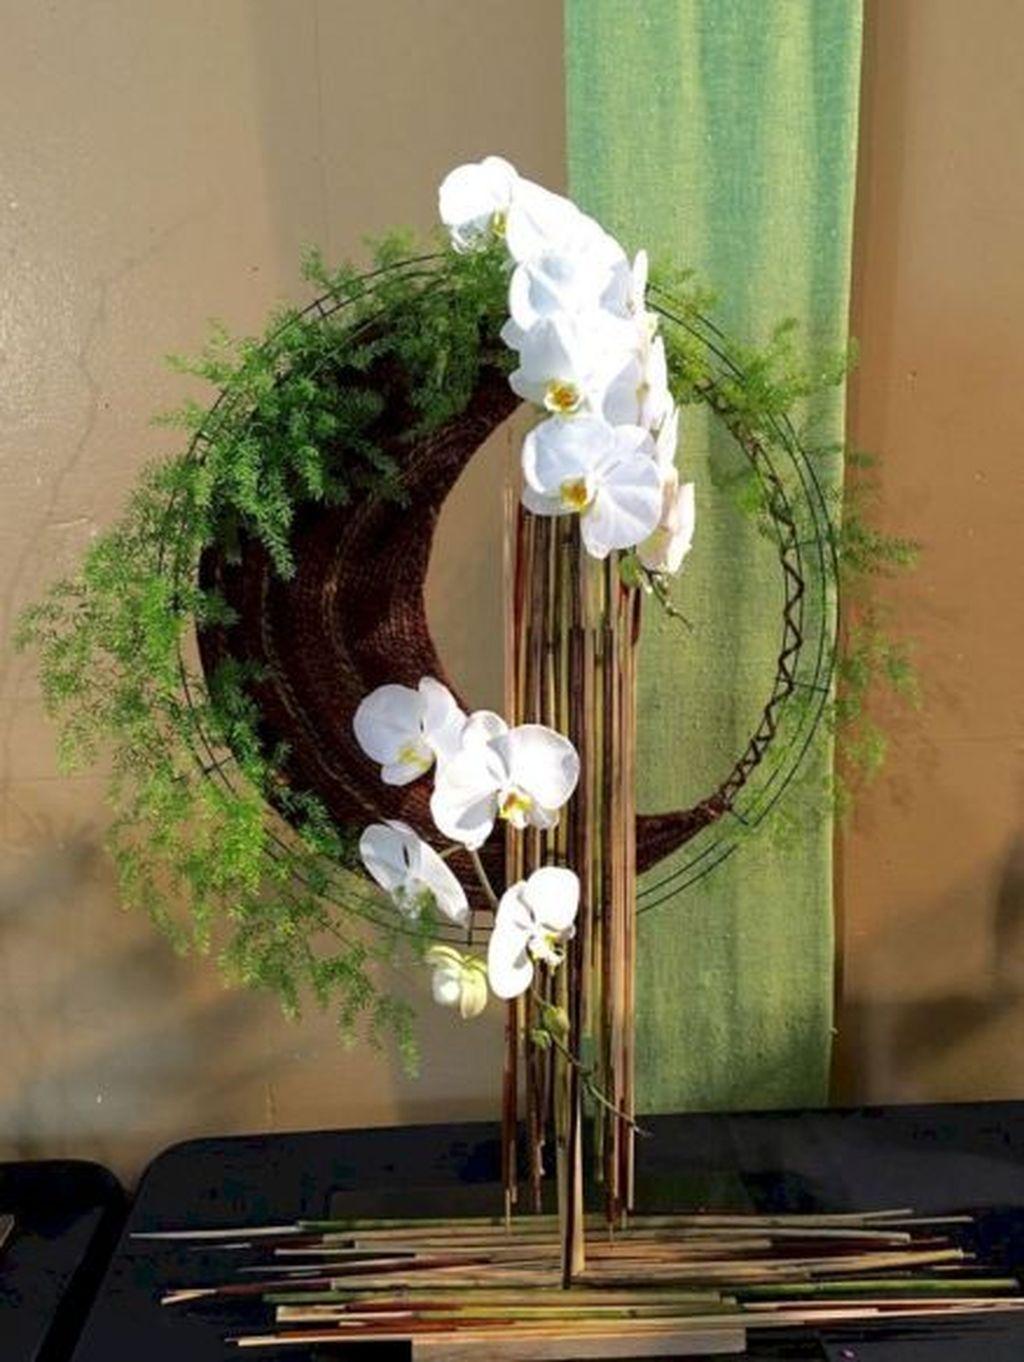 Amazing Unique Flower Arrangements Ideas For Your Home Decor 22